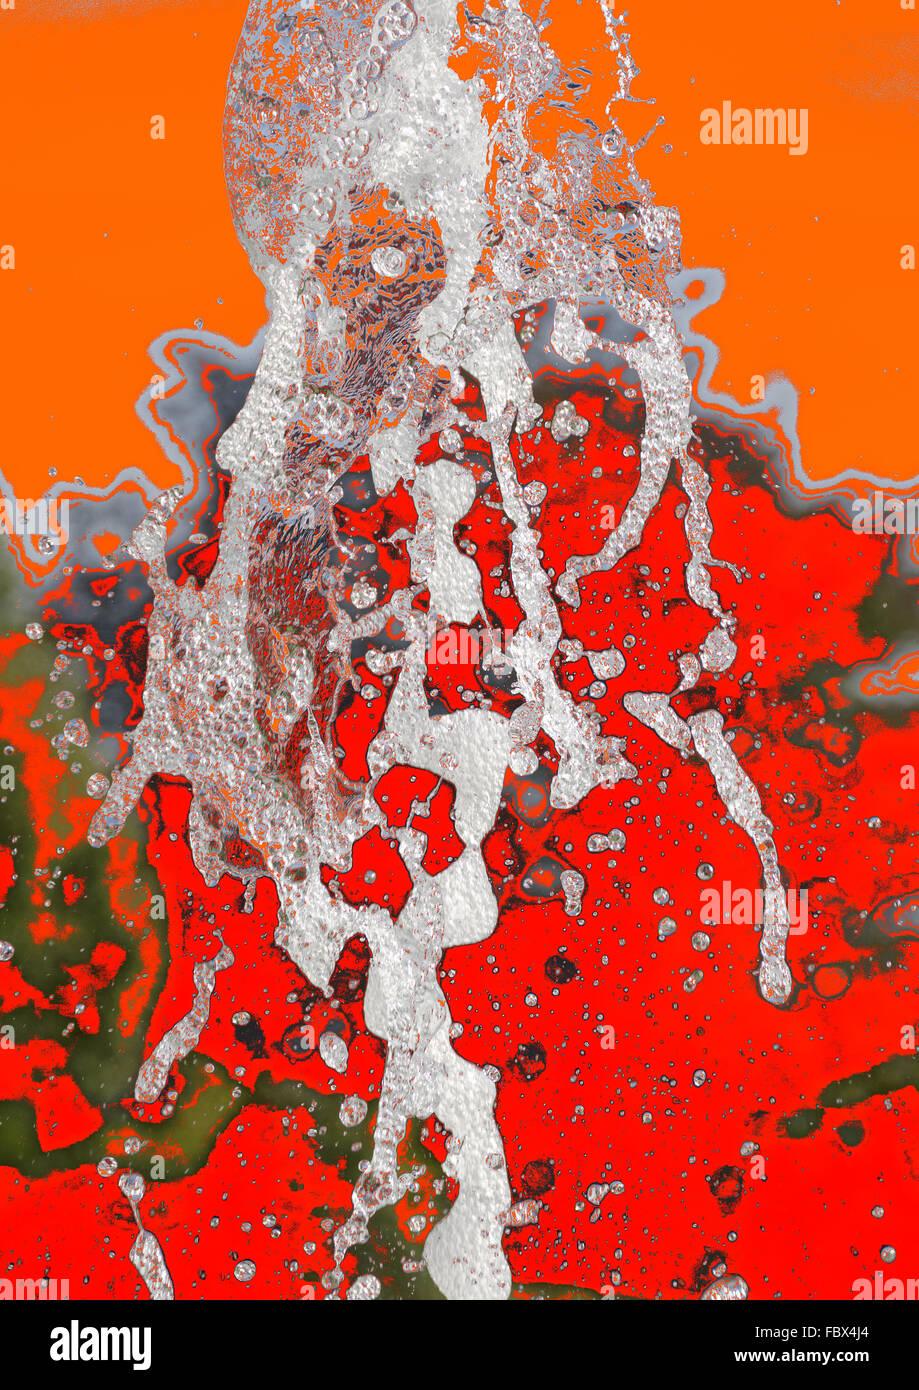 Spritzbrunnen auf einem konzeptionellen Hintergrund Stockbild